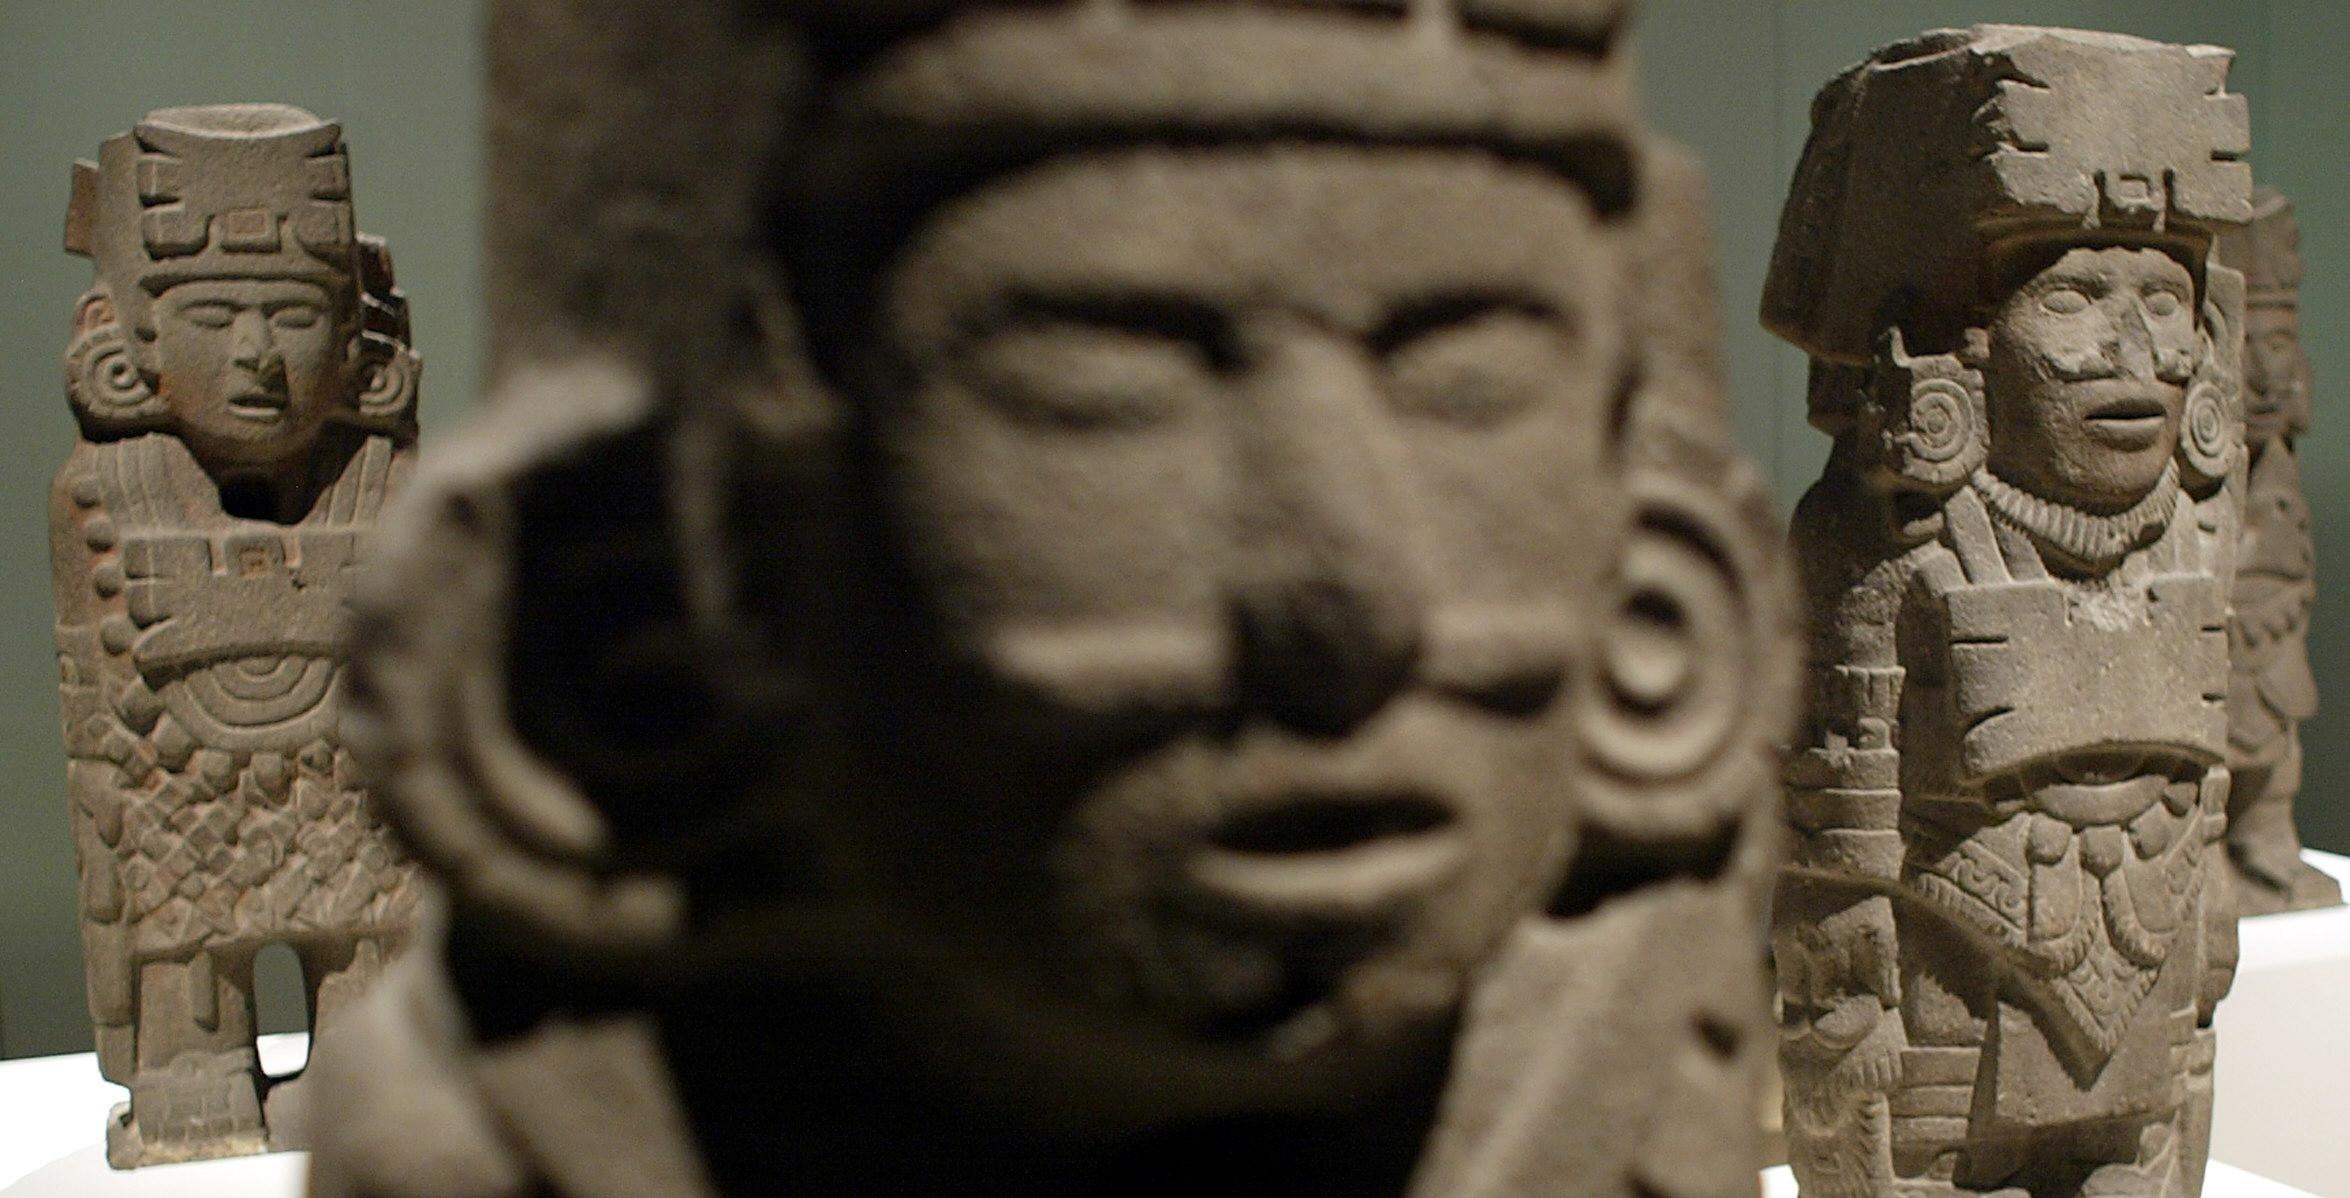 Le mystère de la disparition de la civilisation aztèque enfin dévoilé!